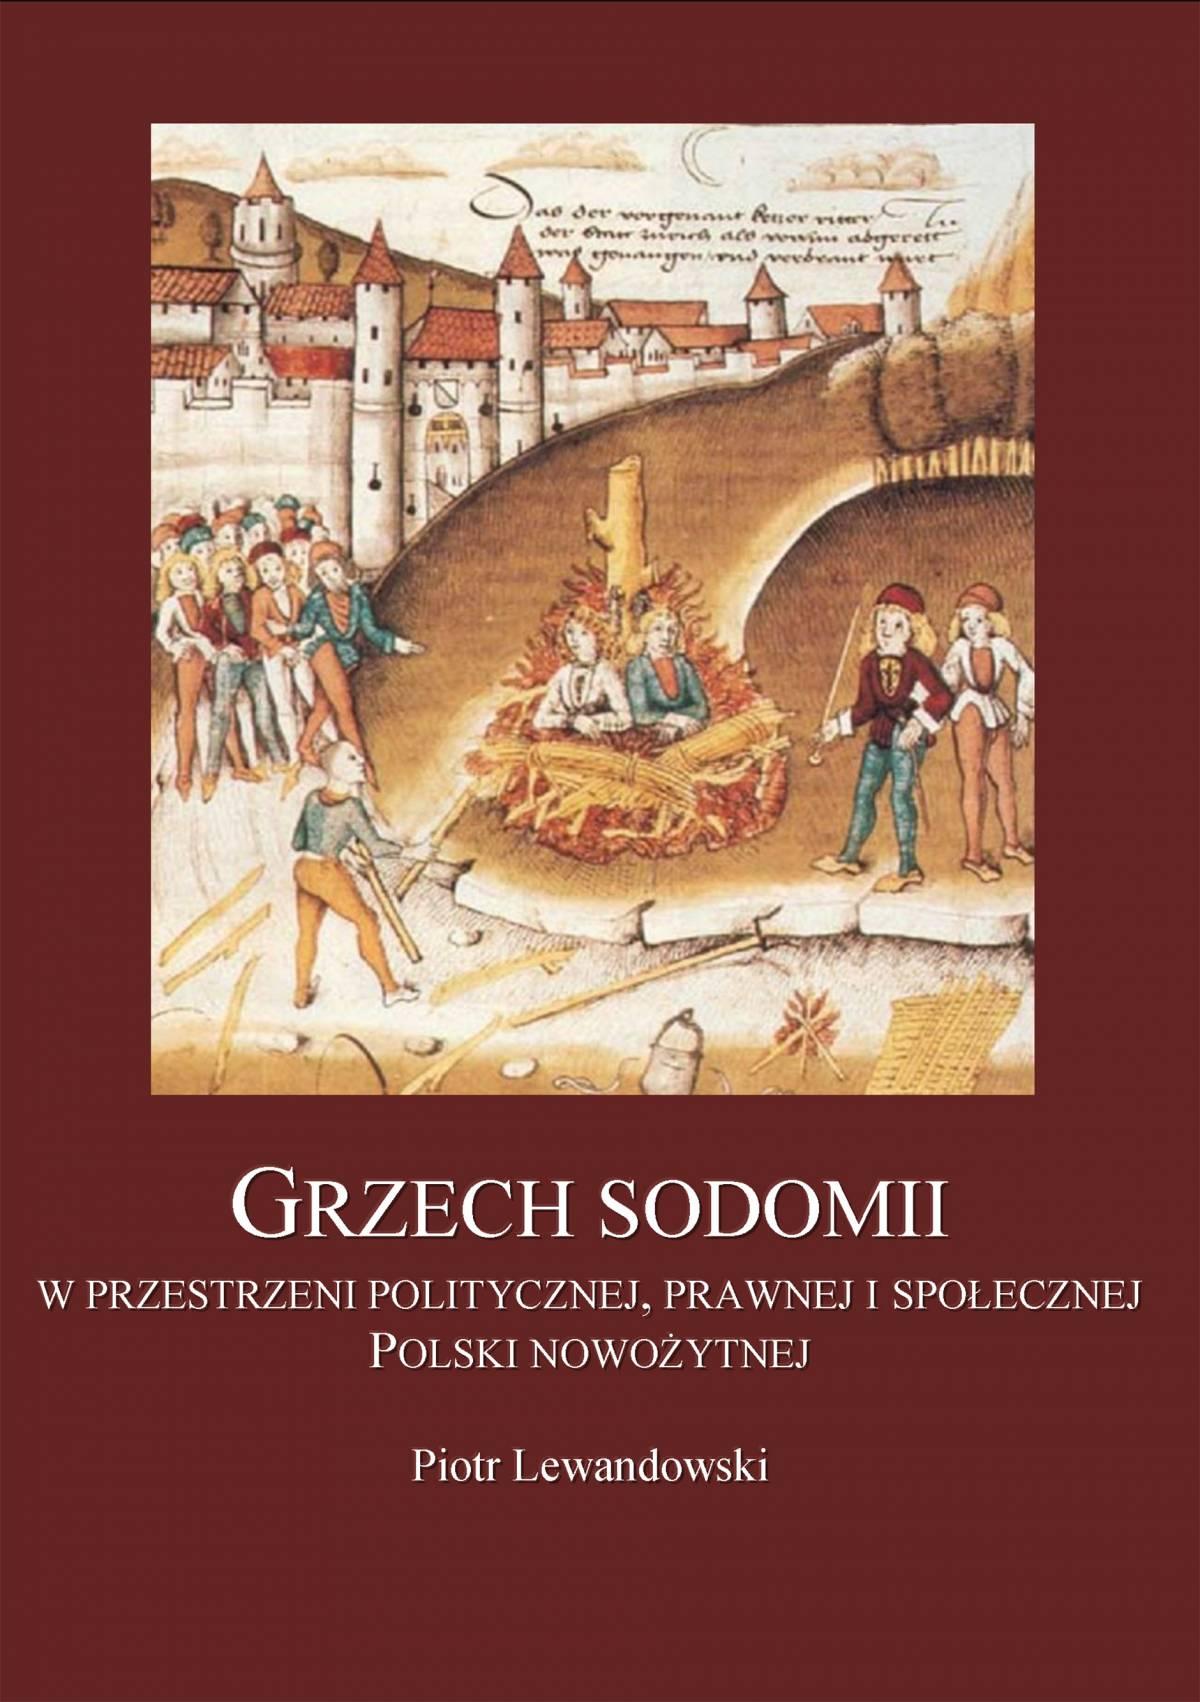 Grzech Sodomii w przestrzeni politycznej, prawnej i społecznej Polski nowożytnej - Ebook (Książka EPUB) do pobrania w formacie EPUB